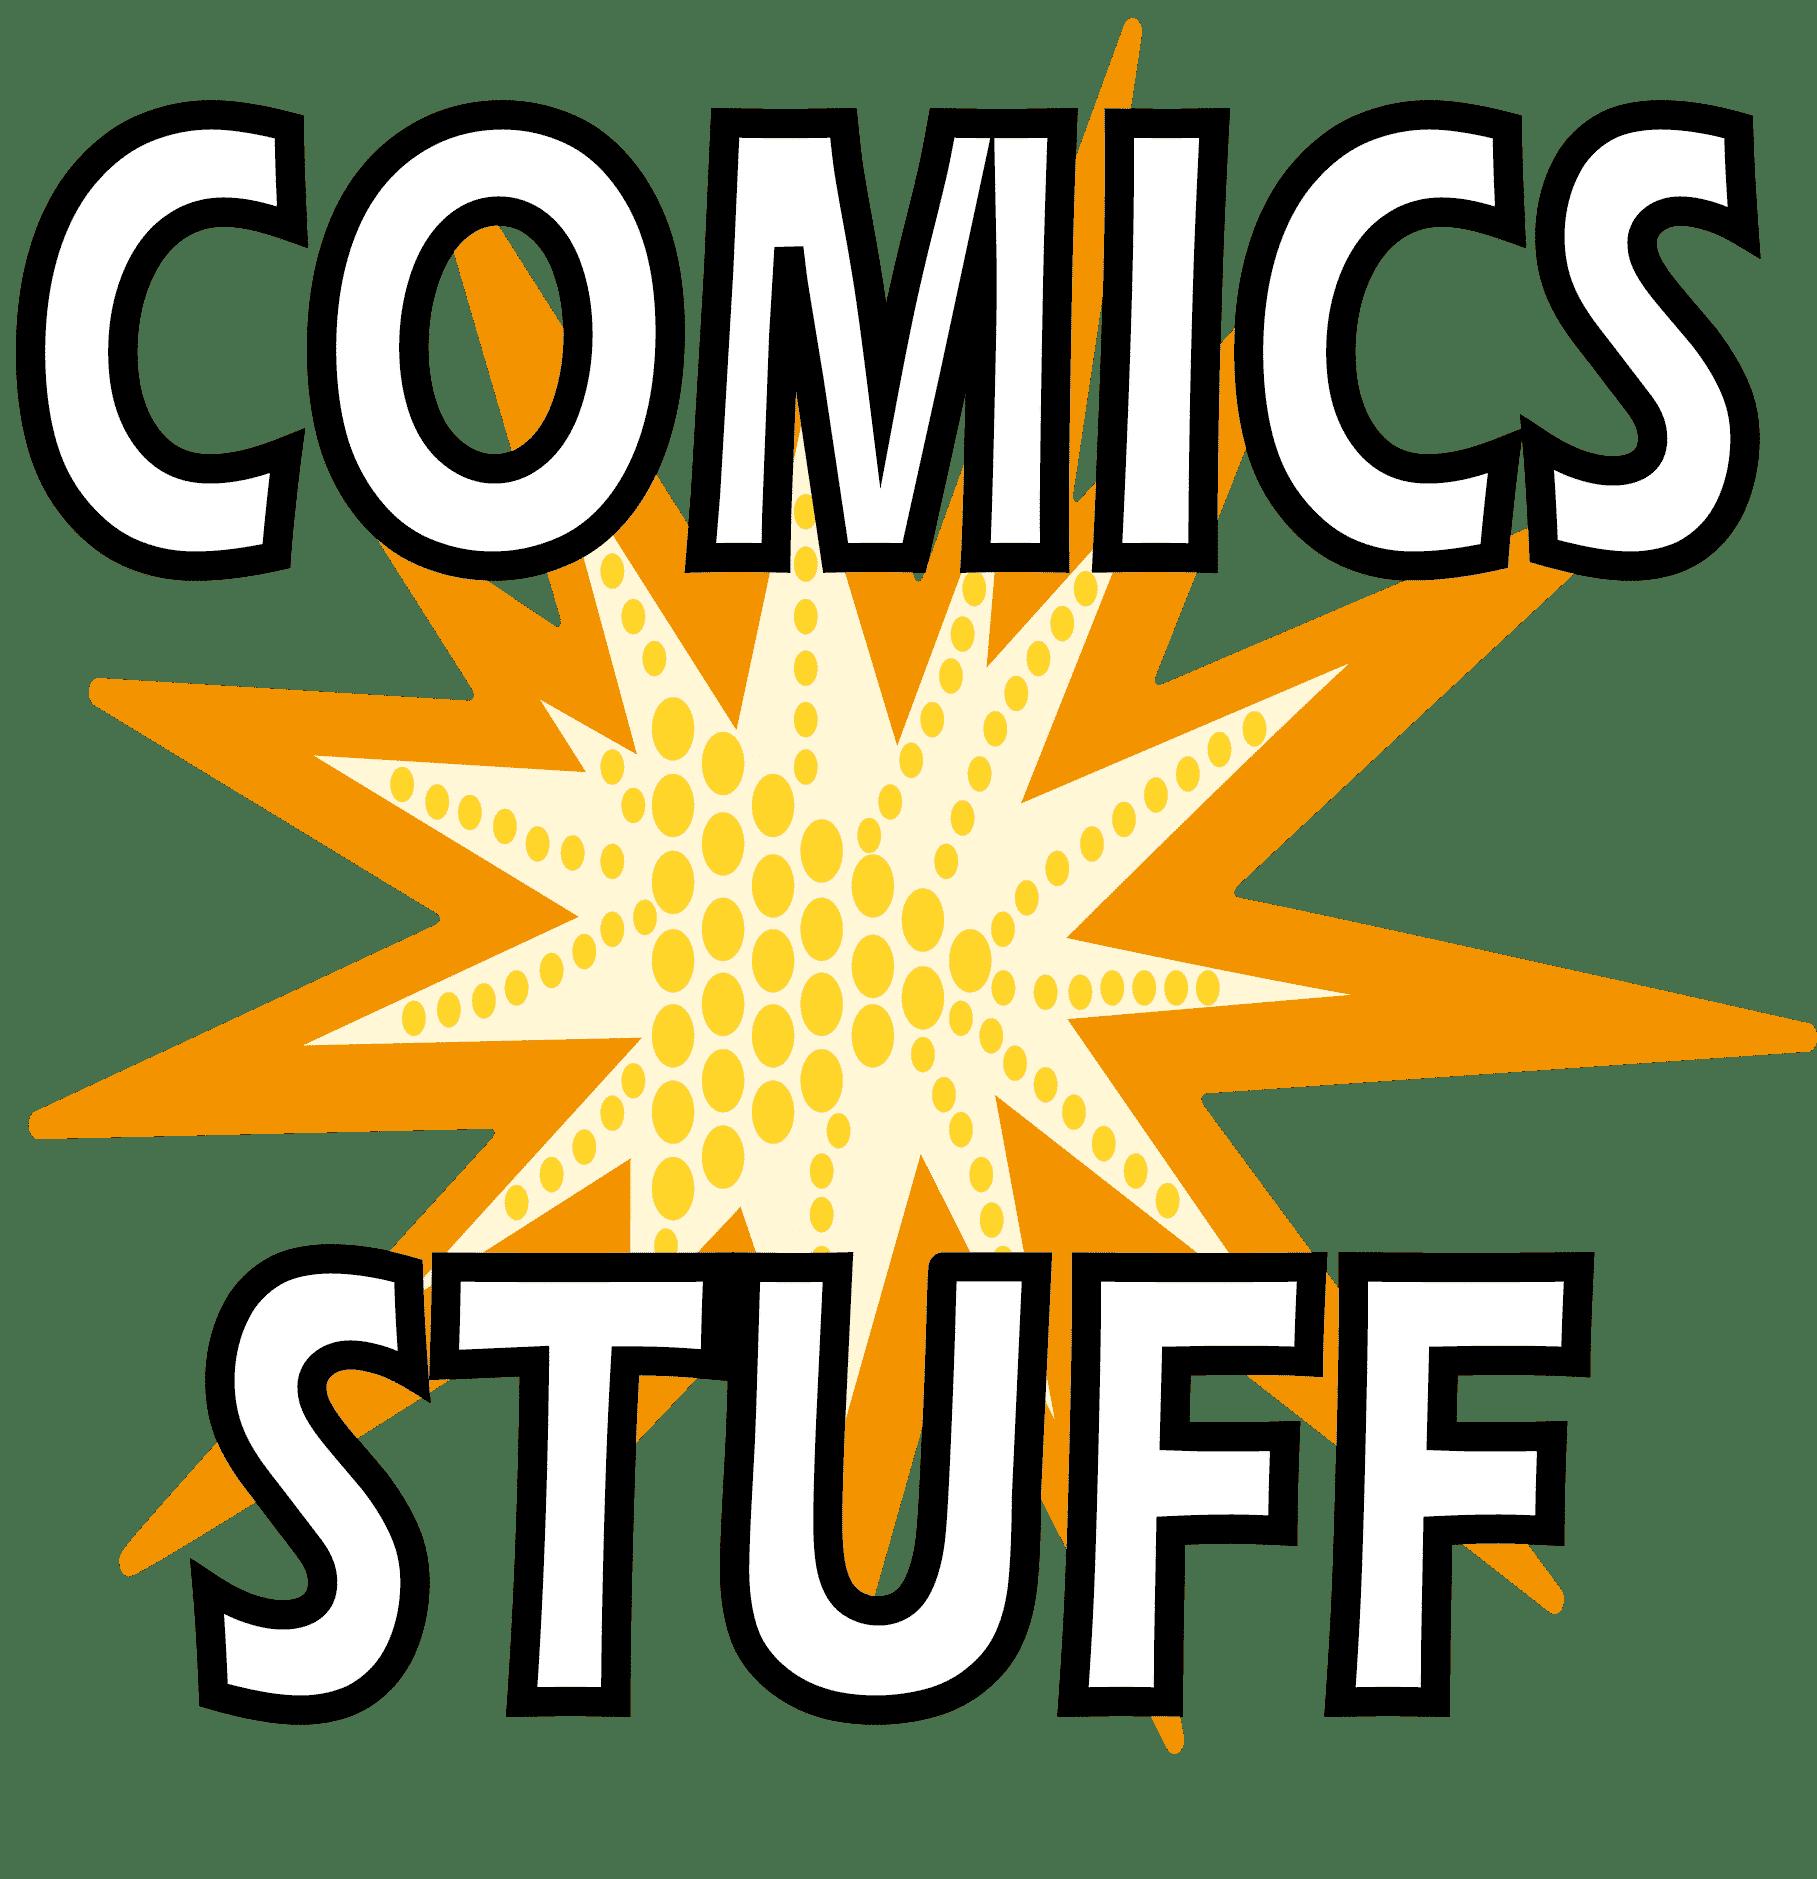 Comics Stuff